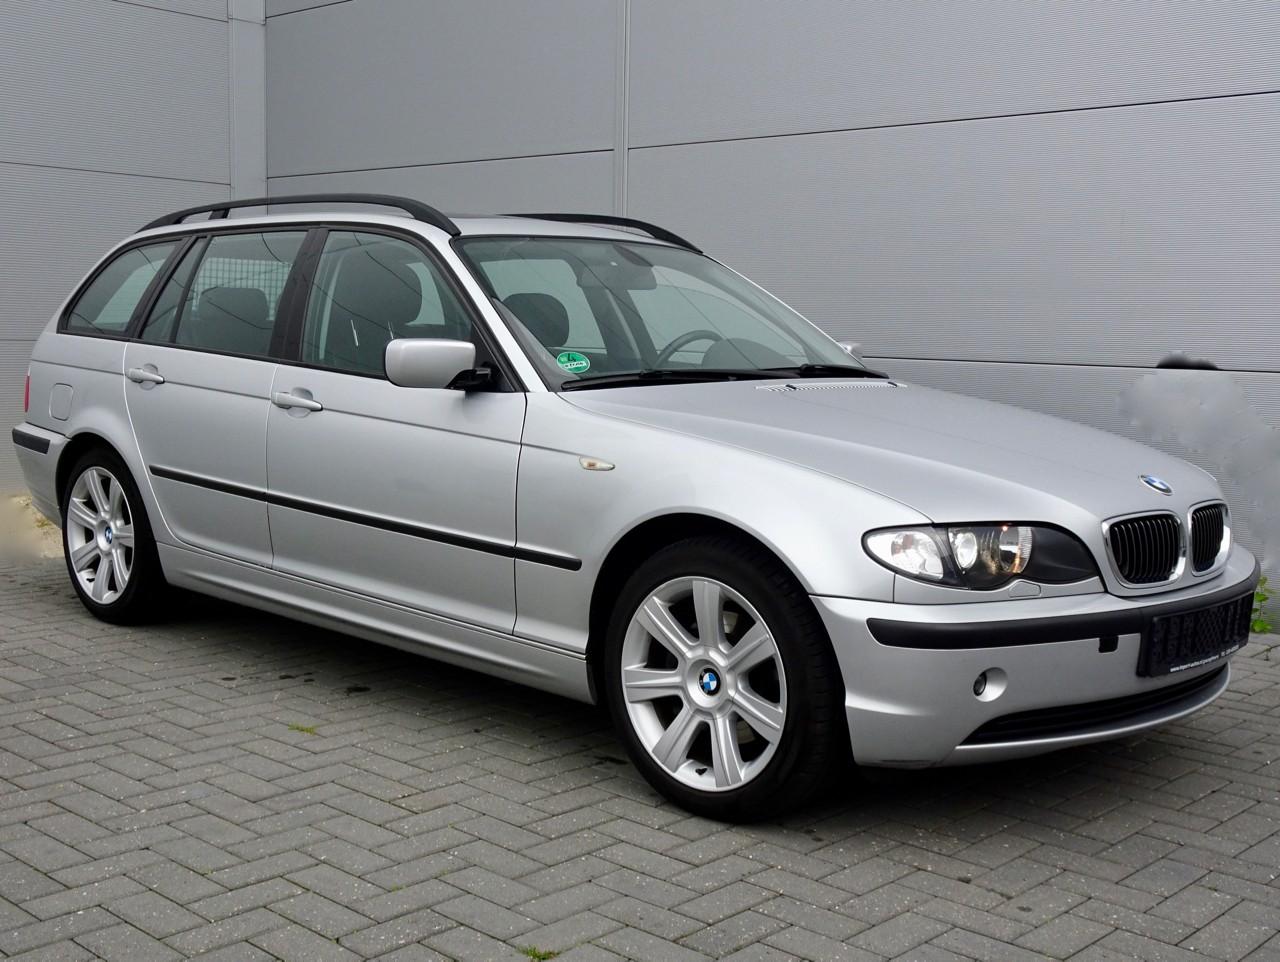 Youngtimer BMW 325i Touring E46 Executive - 85.000 km - € 11.995,-